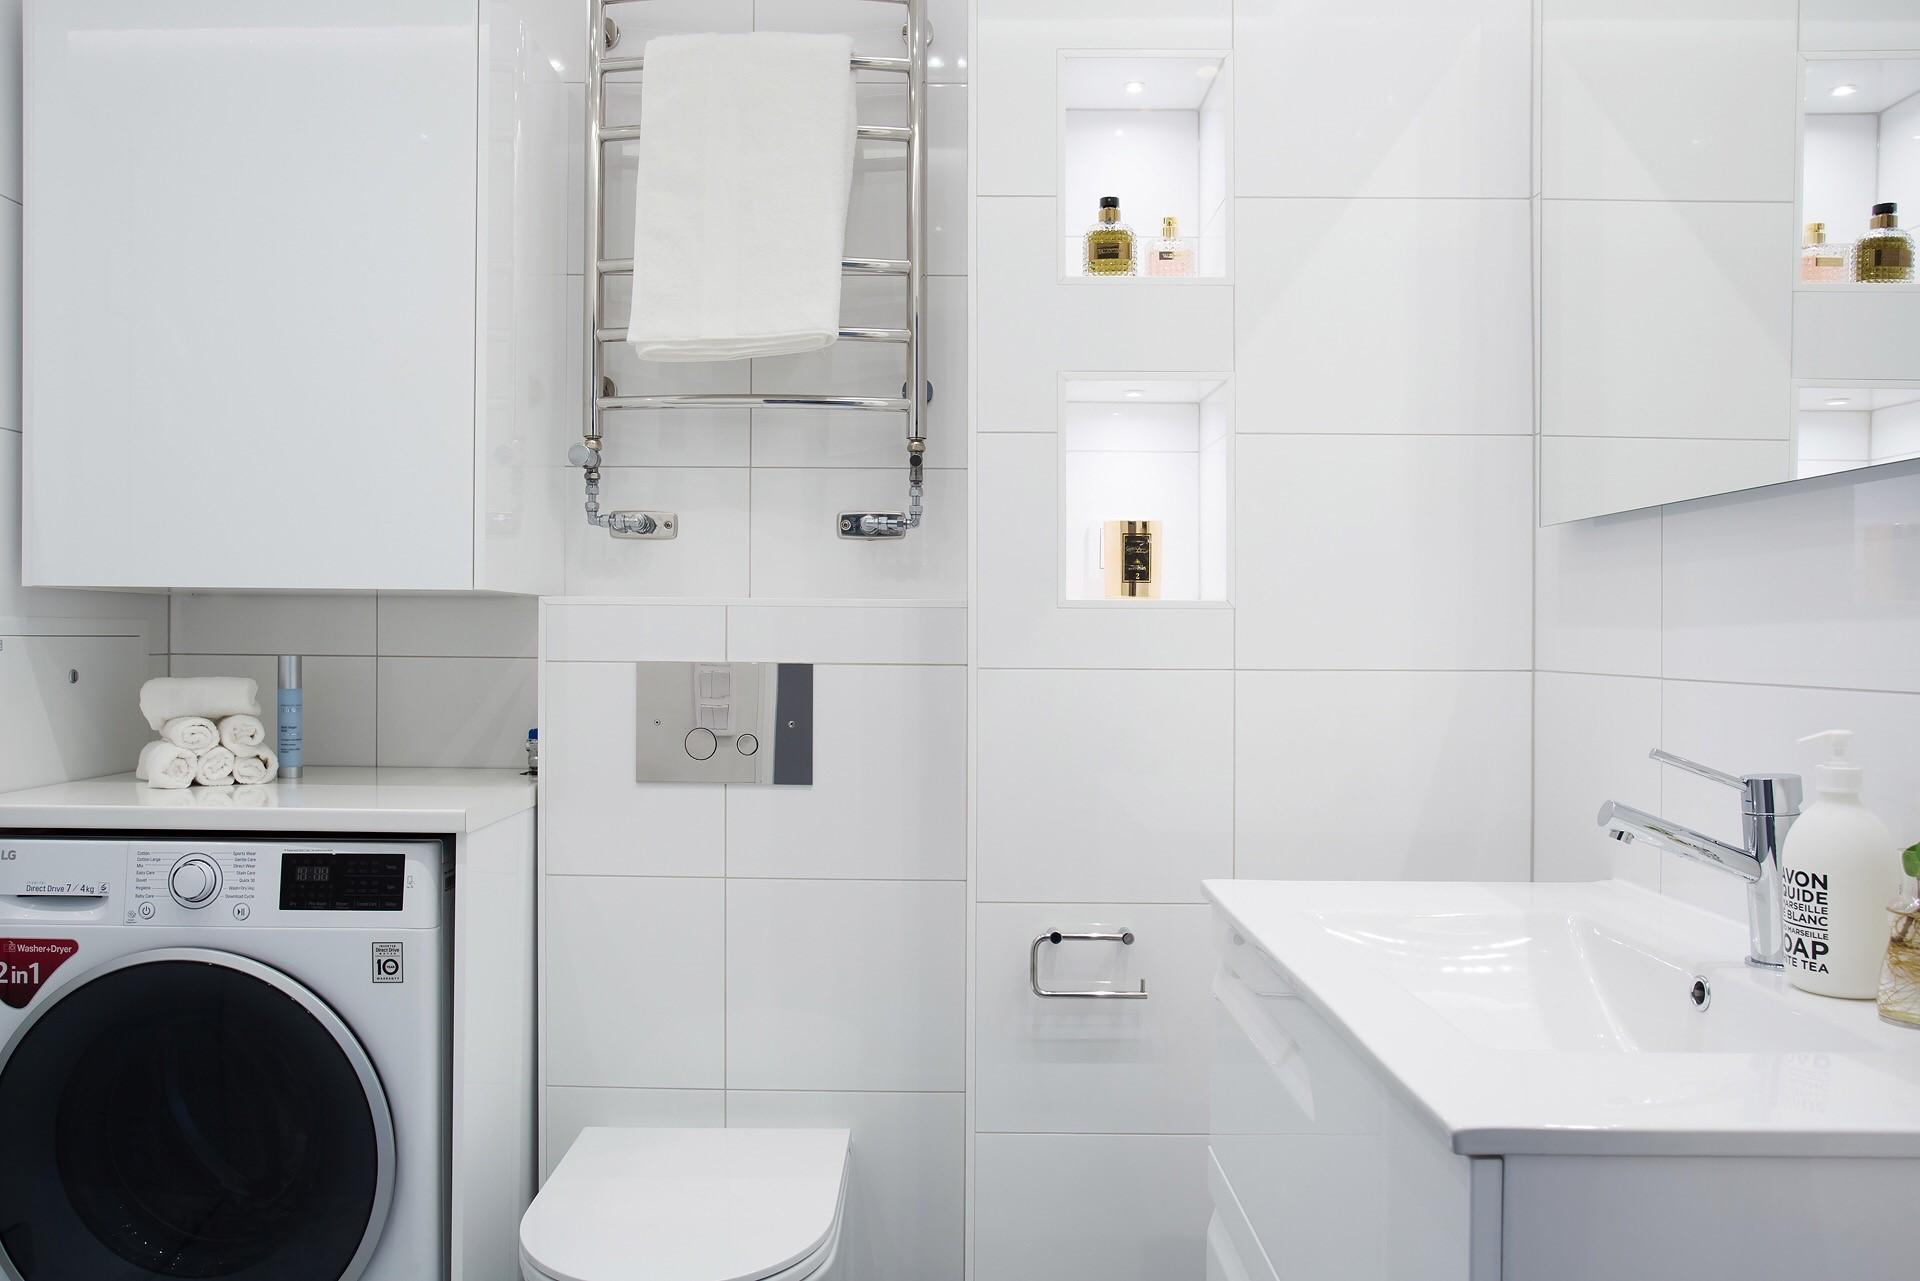 Renovering av badrum, kök, hall, dusch, toa